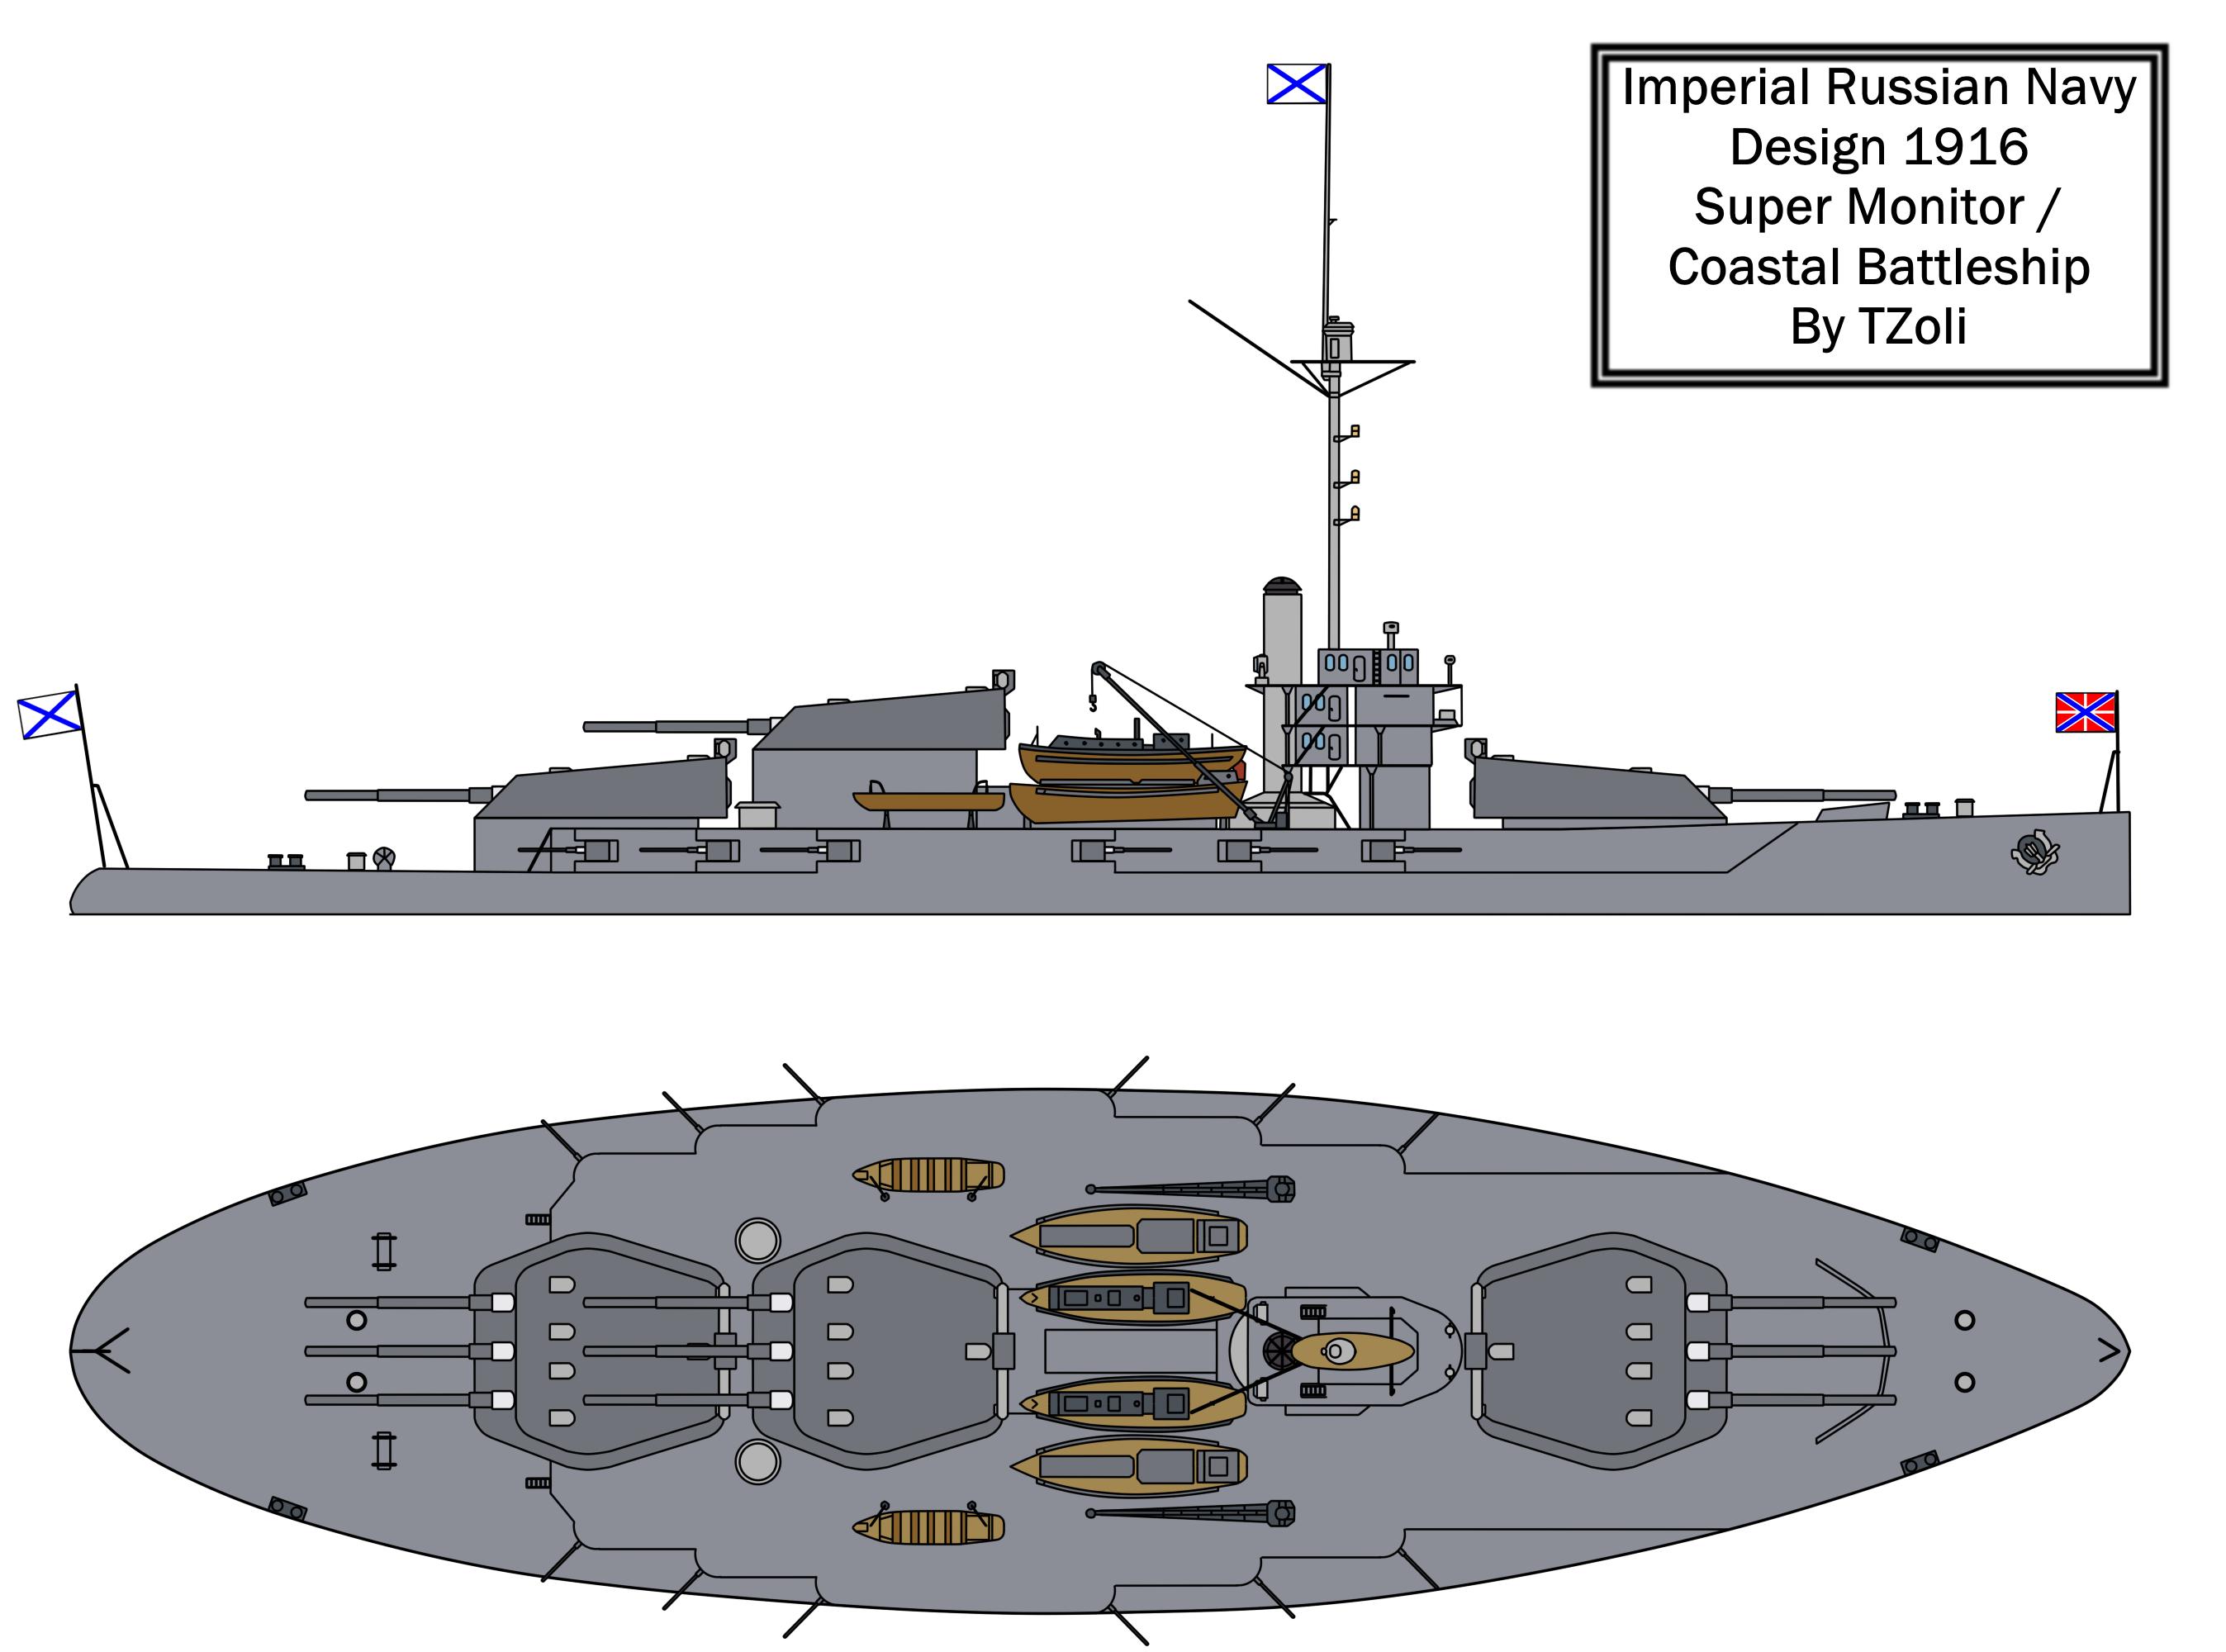 TZolis Warship DesignsModern Battleship Design